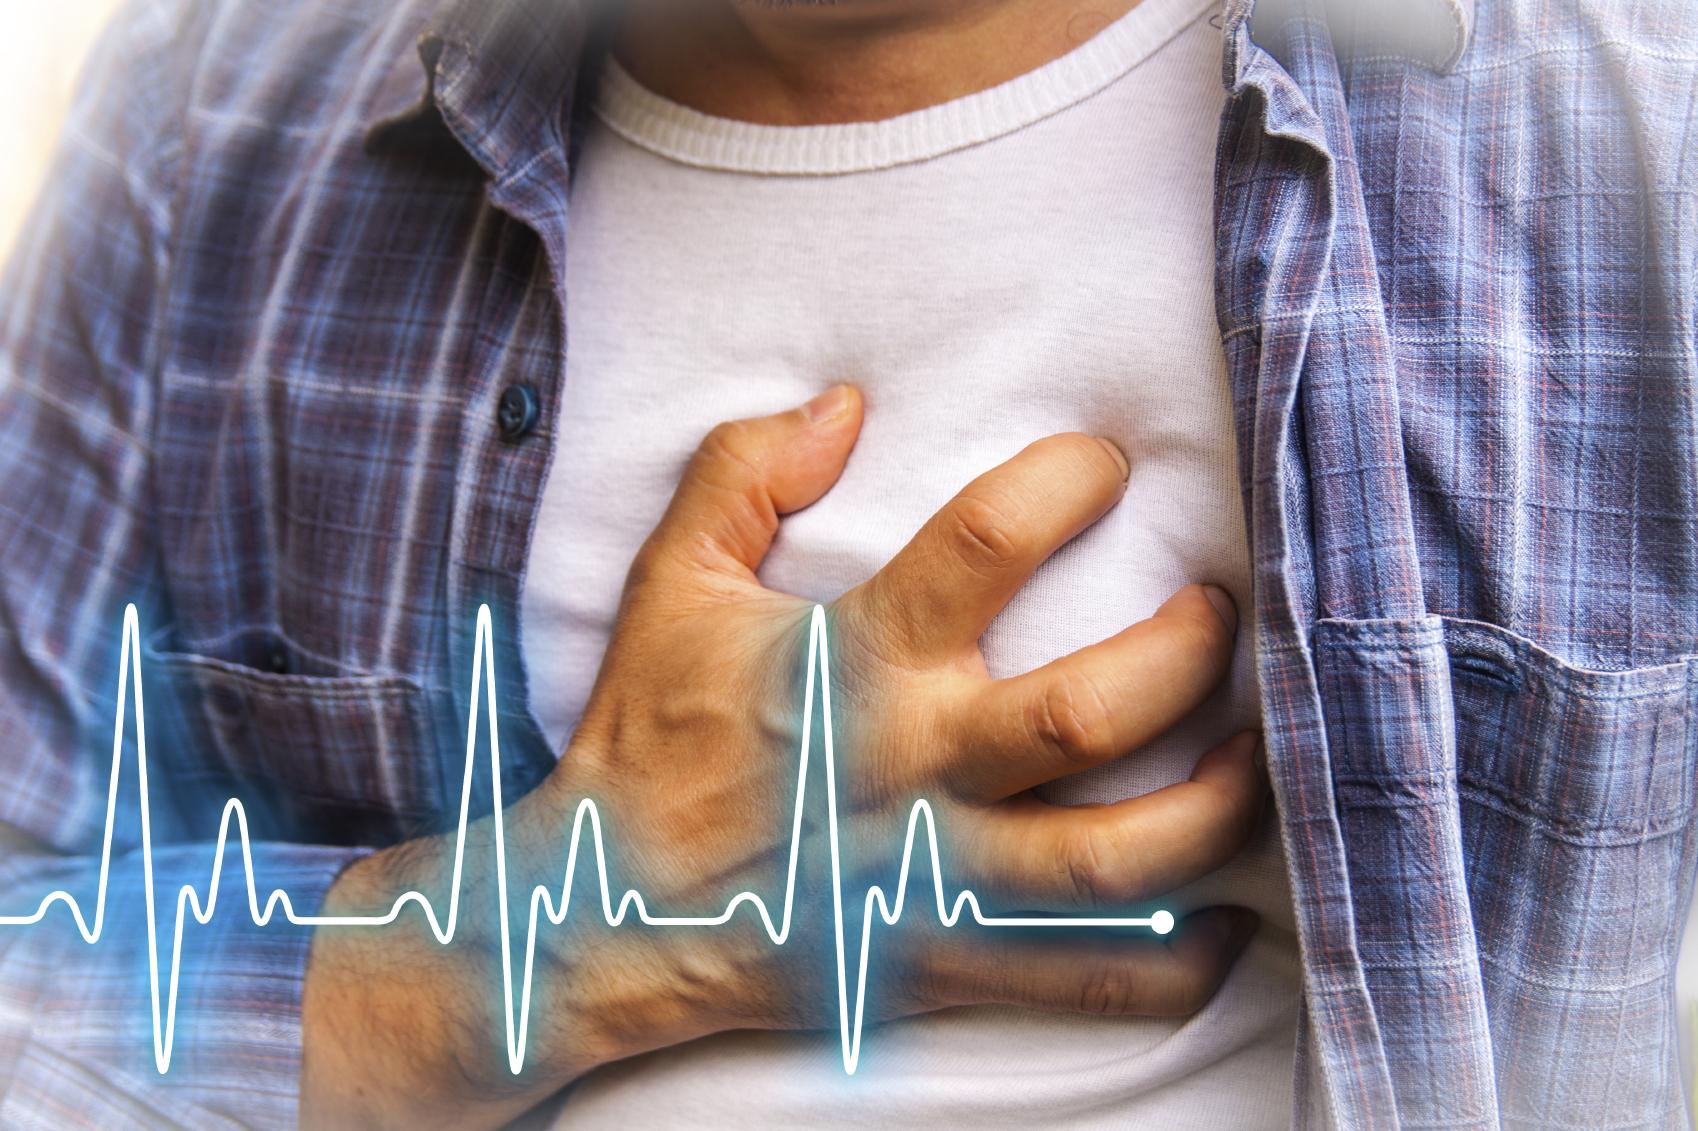 Пациенты с нарушениями работы сердечно-сосудистой системы